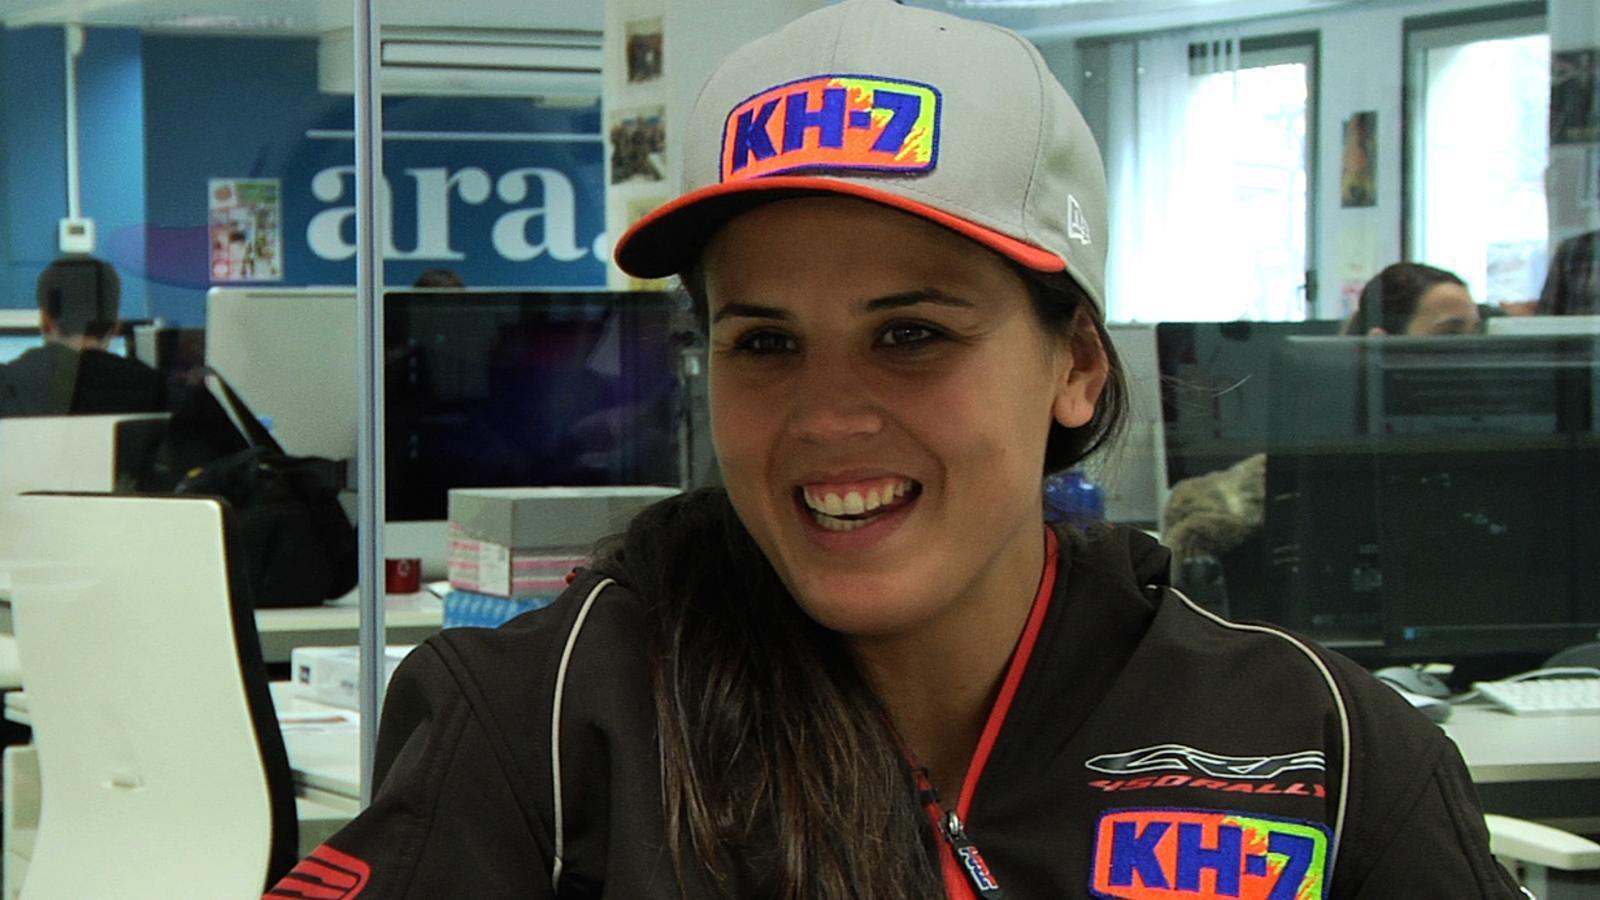 Laia Sanz: M'impacta que Honda, un equip japonès, i no una marca de casa, hagi apostat per mi